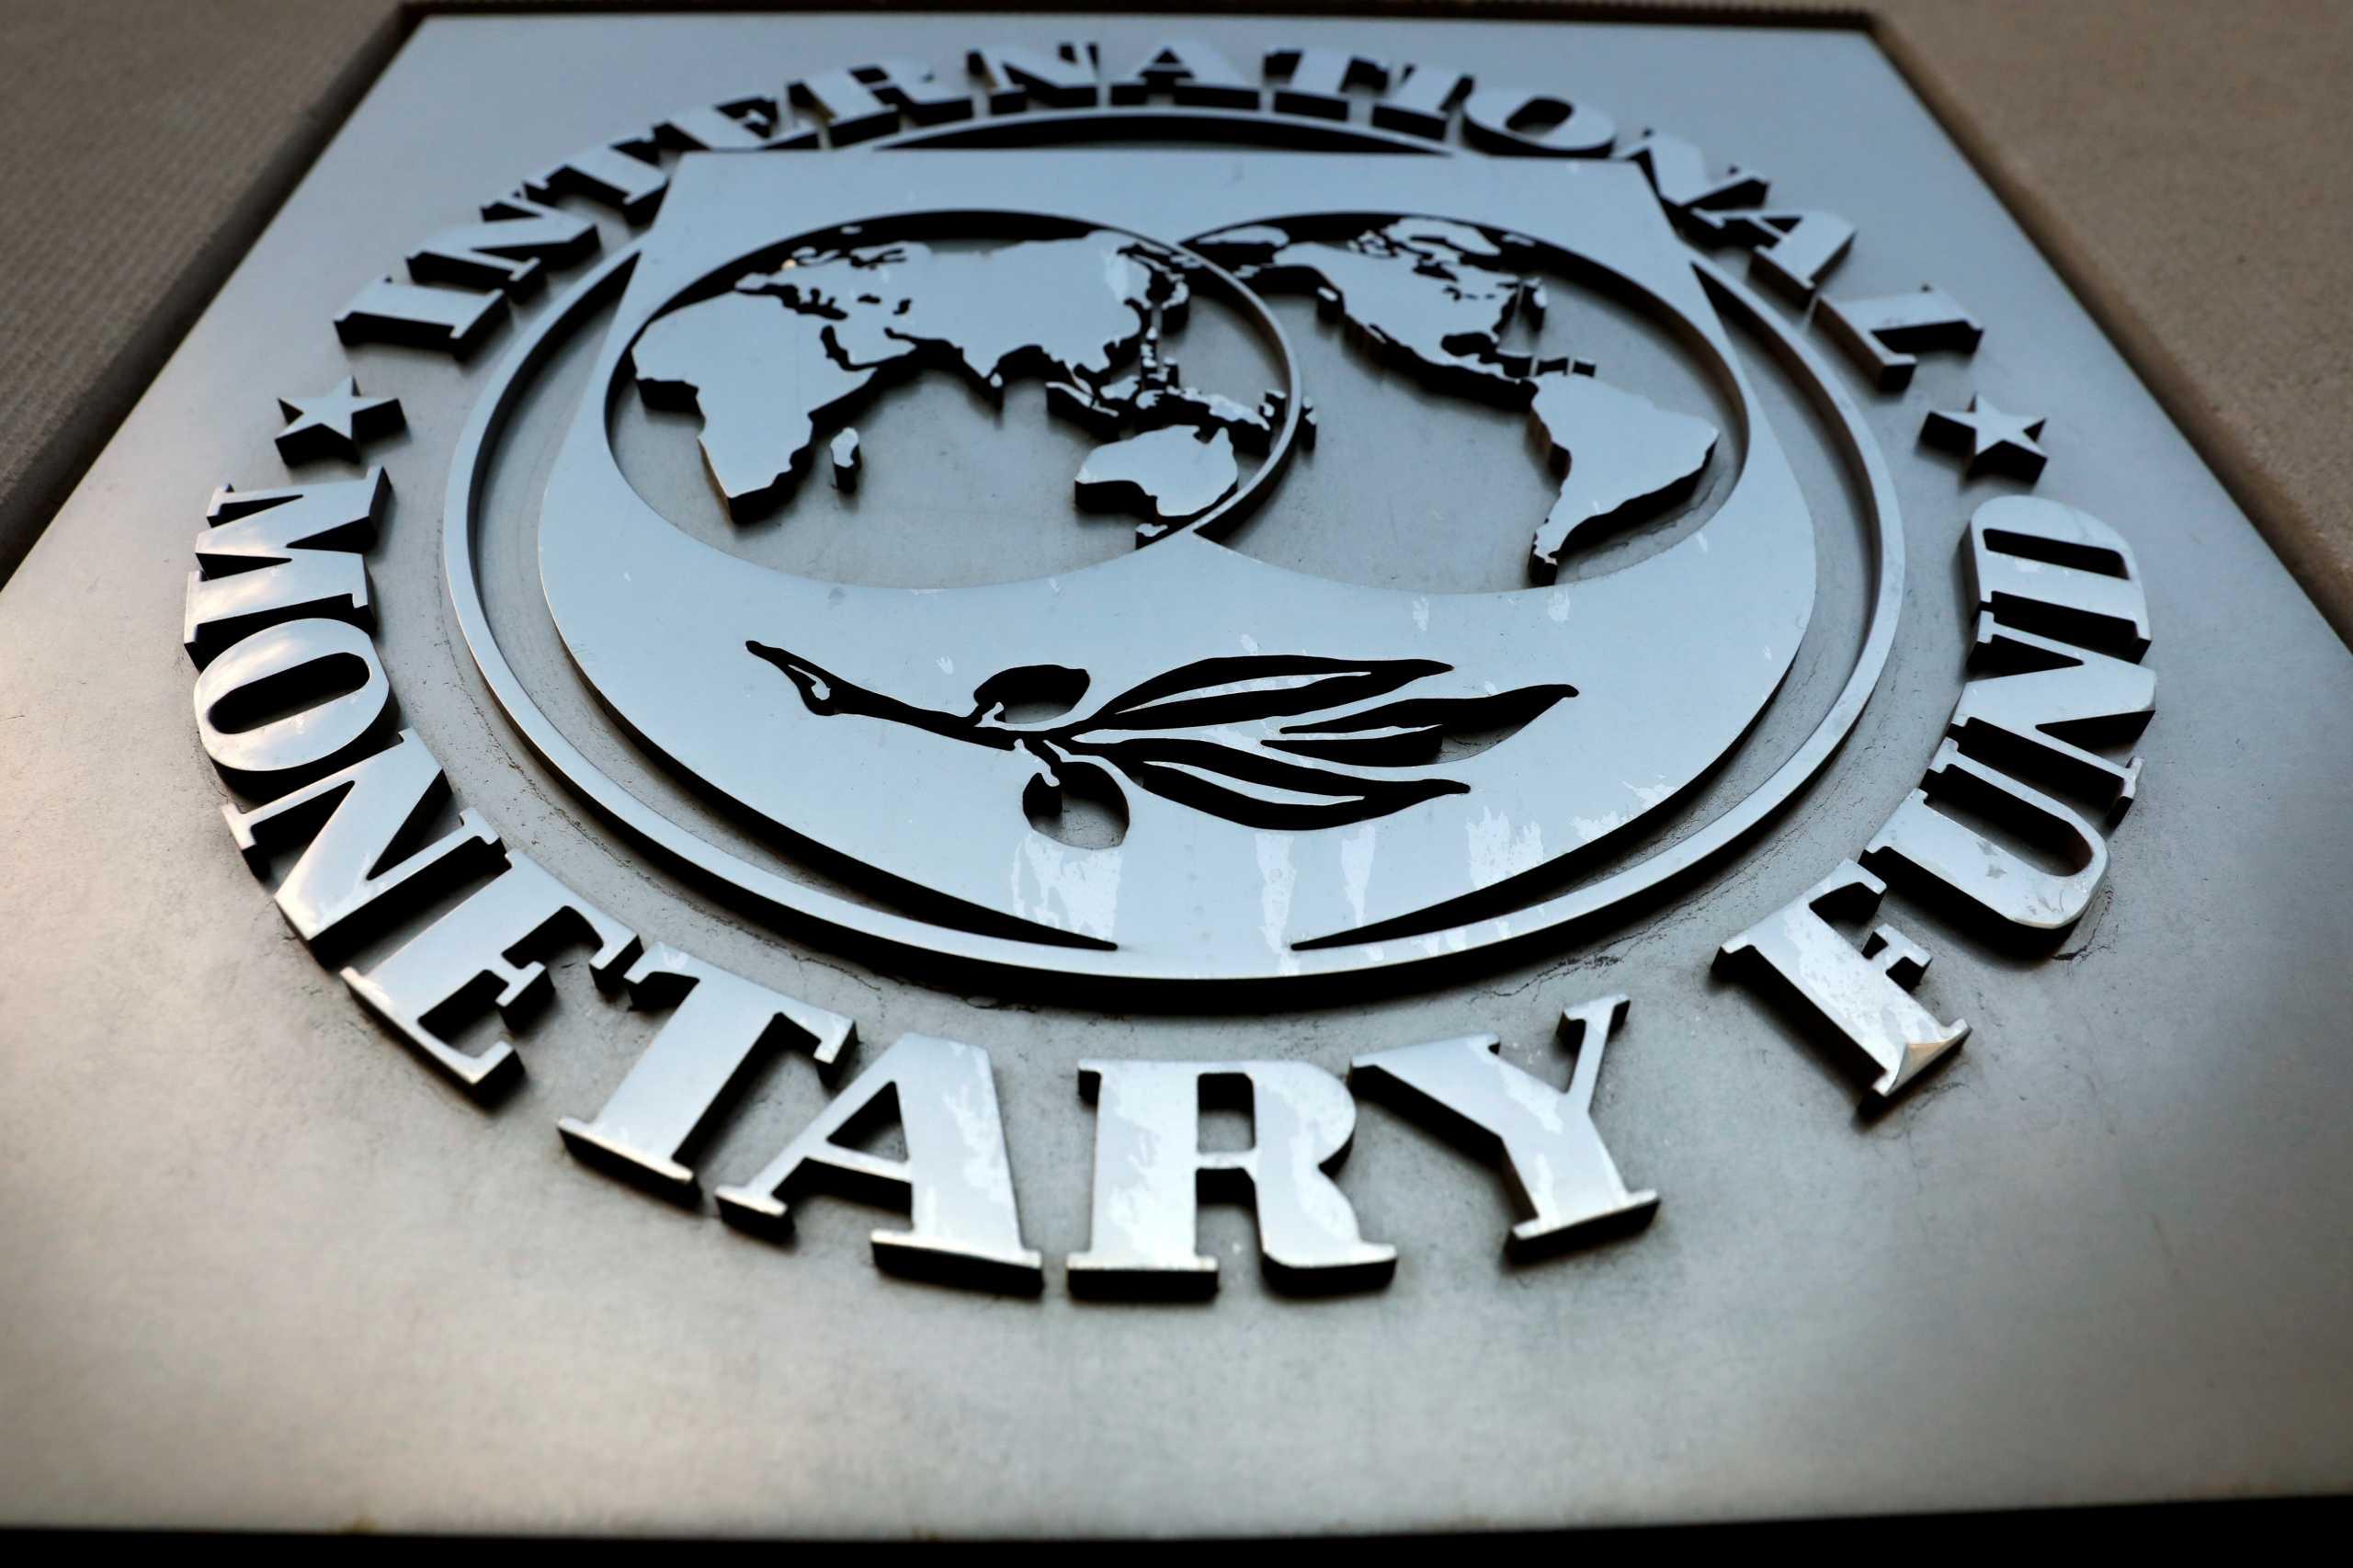 Σχέδιο 50 δισεκατομμυρίων δολαρίων του ΔΝΤ για τον εμβολιασμό και τη λήξη της πανδημίας